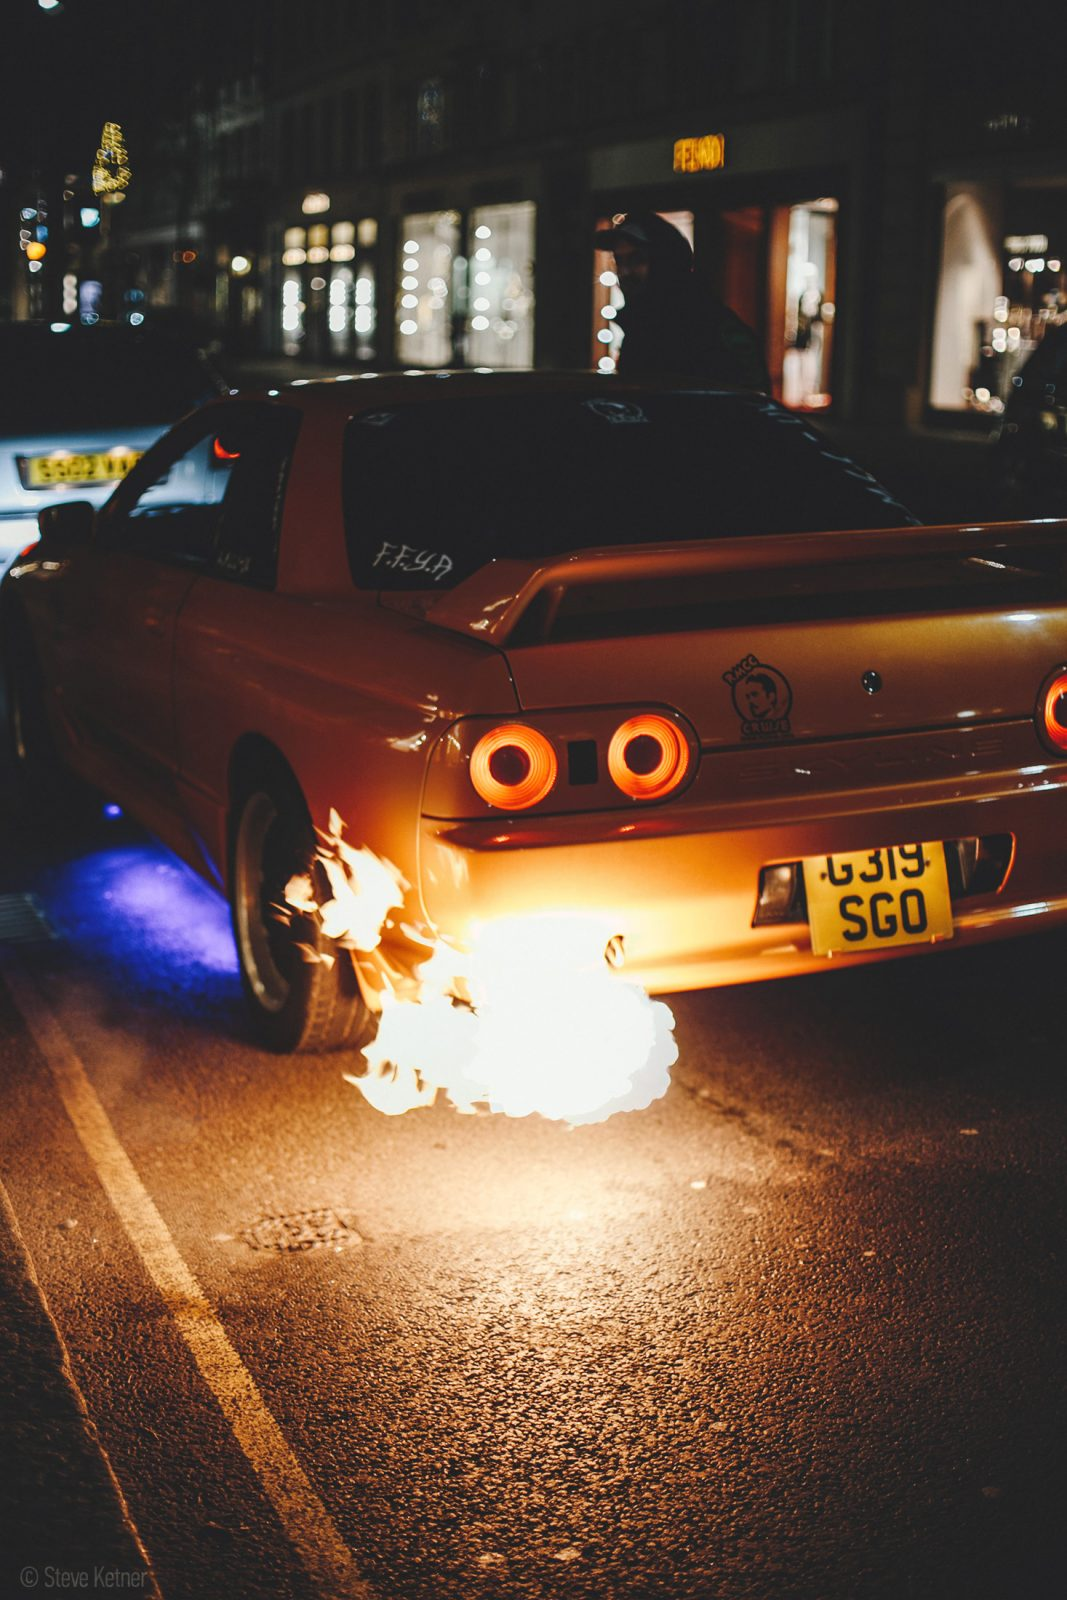 Steve Ketner - Nissan Skyline R32 - Sloane street, London